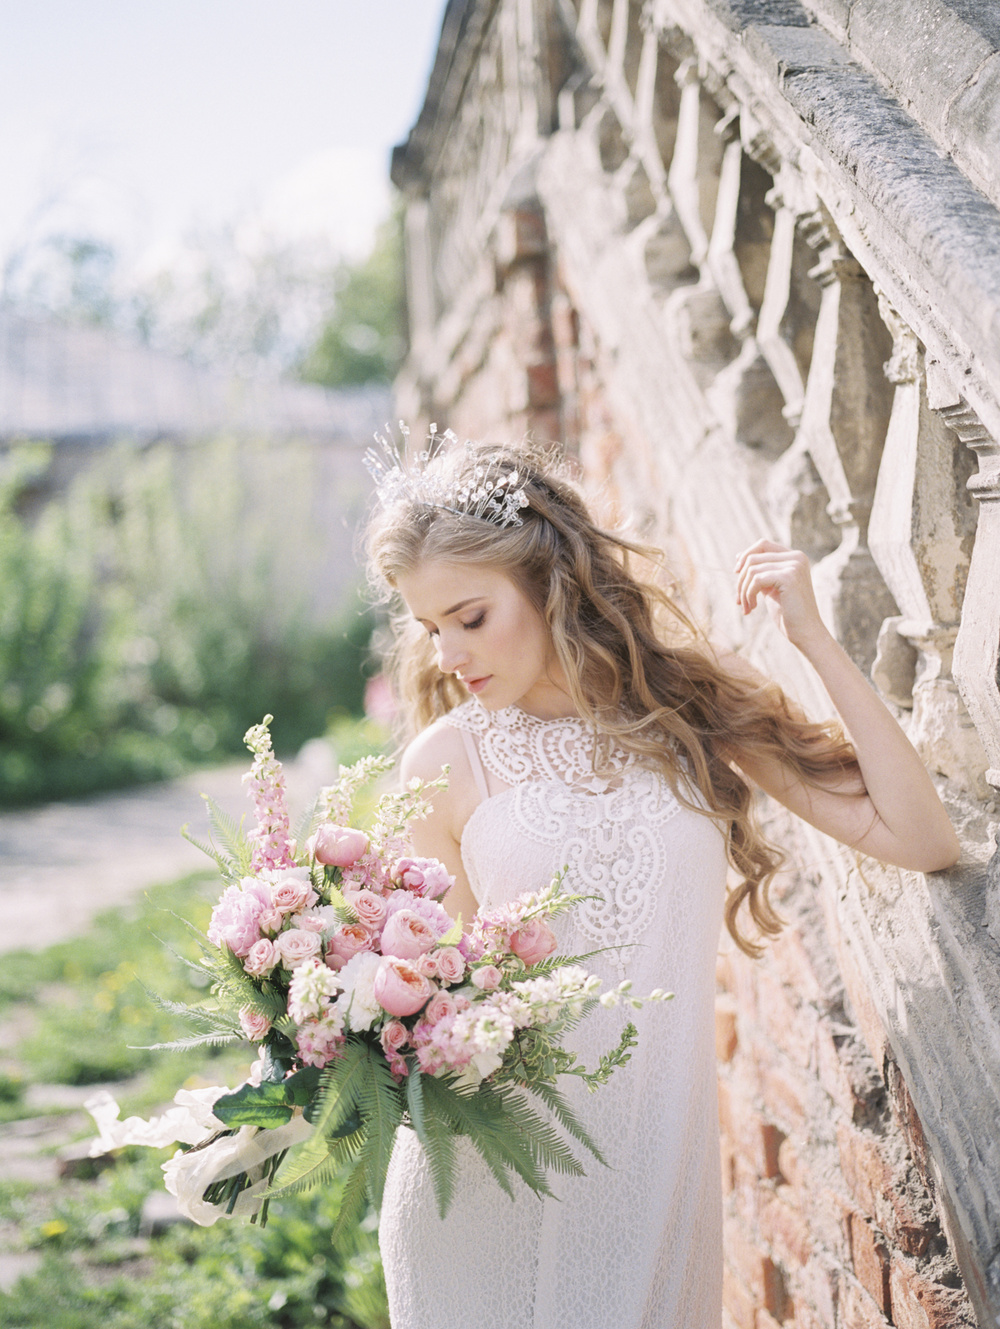 Принцесса в цветущем саду